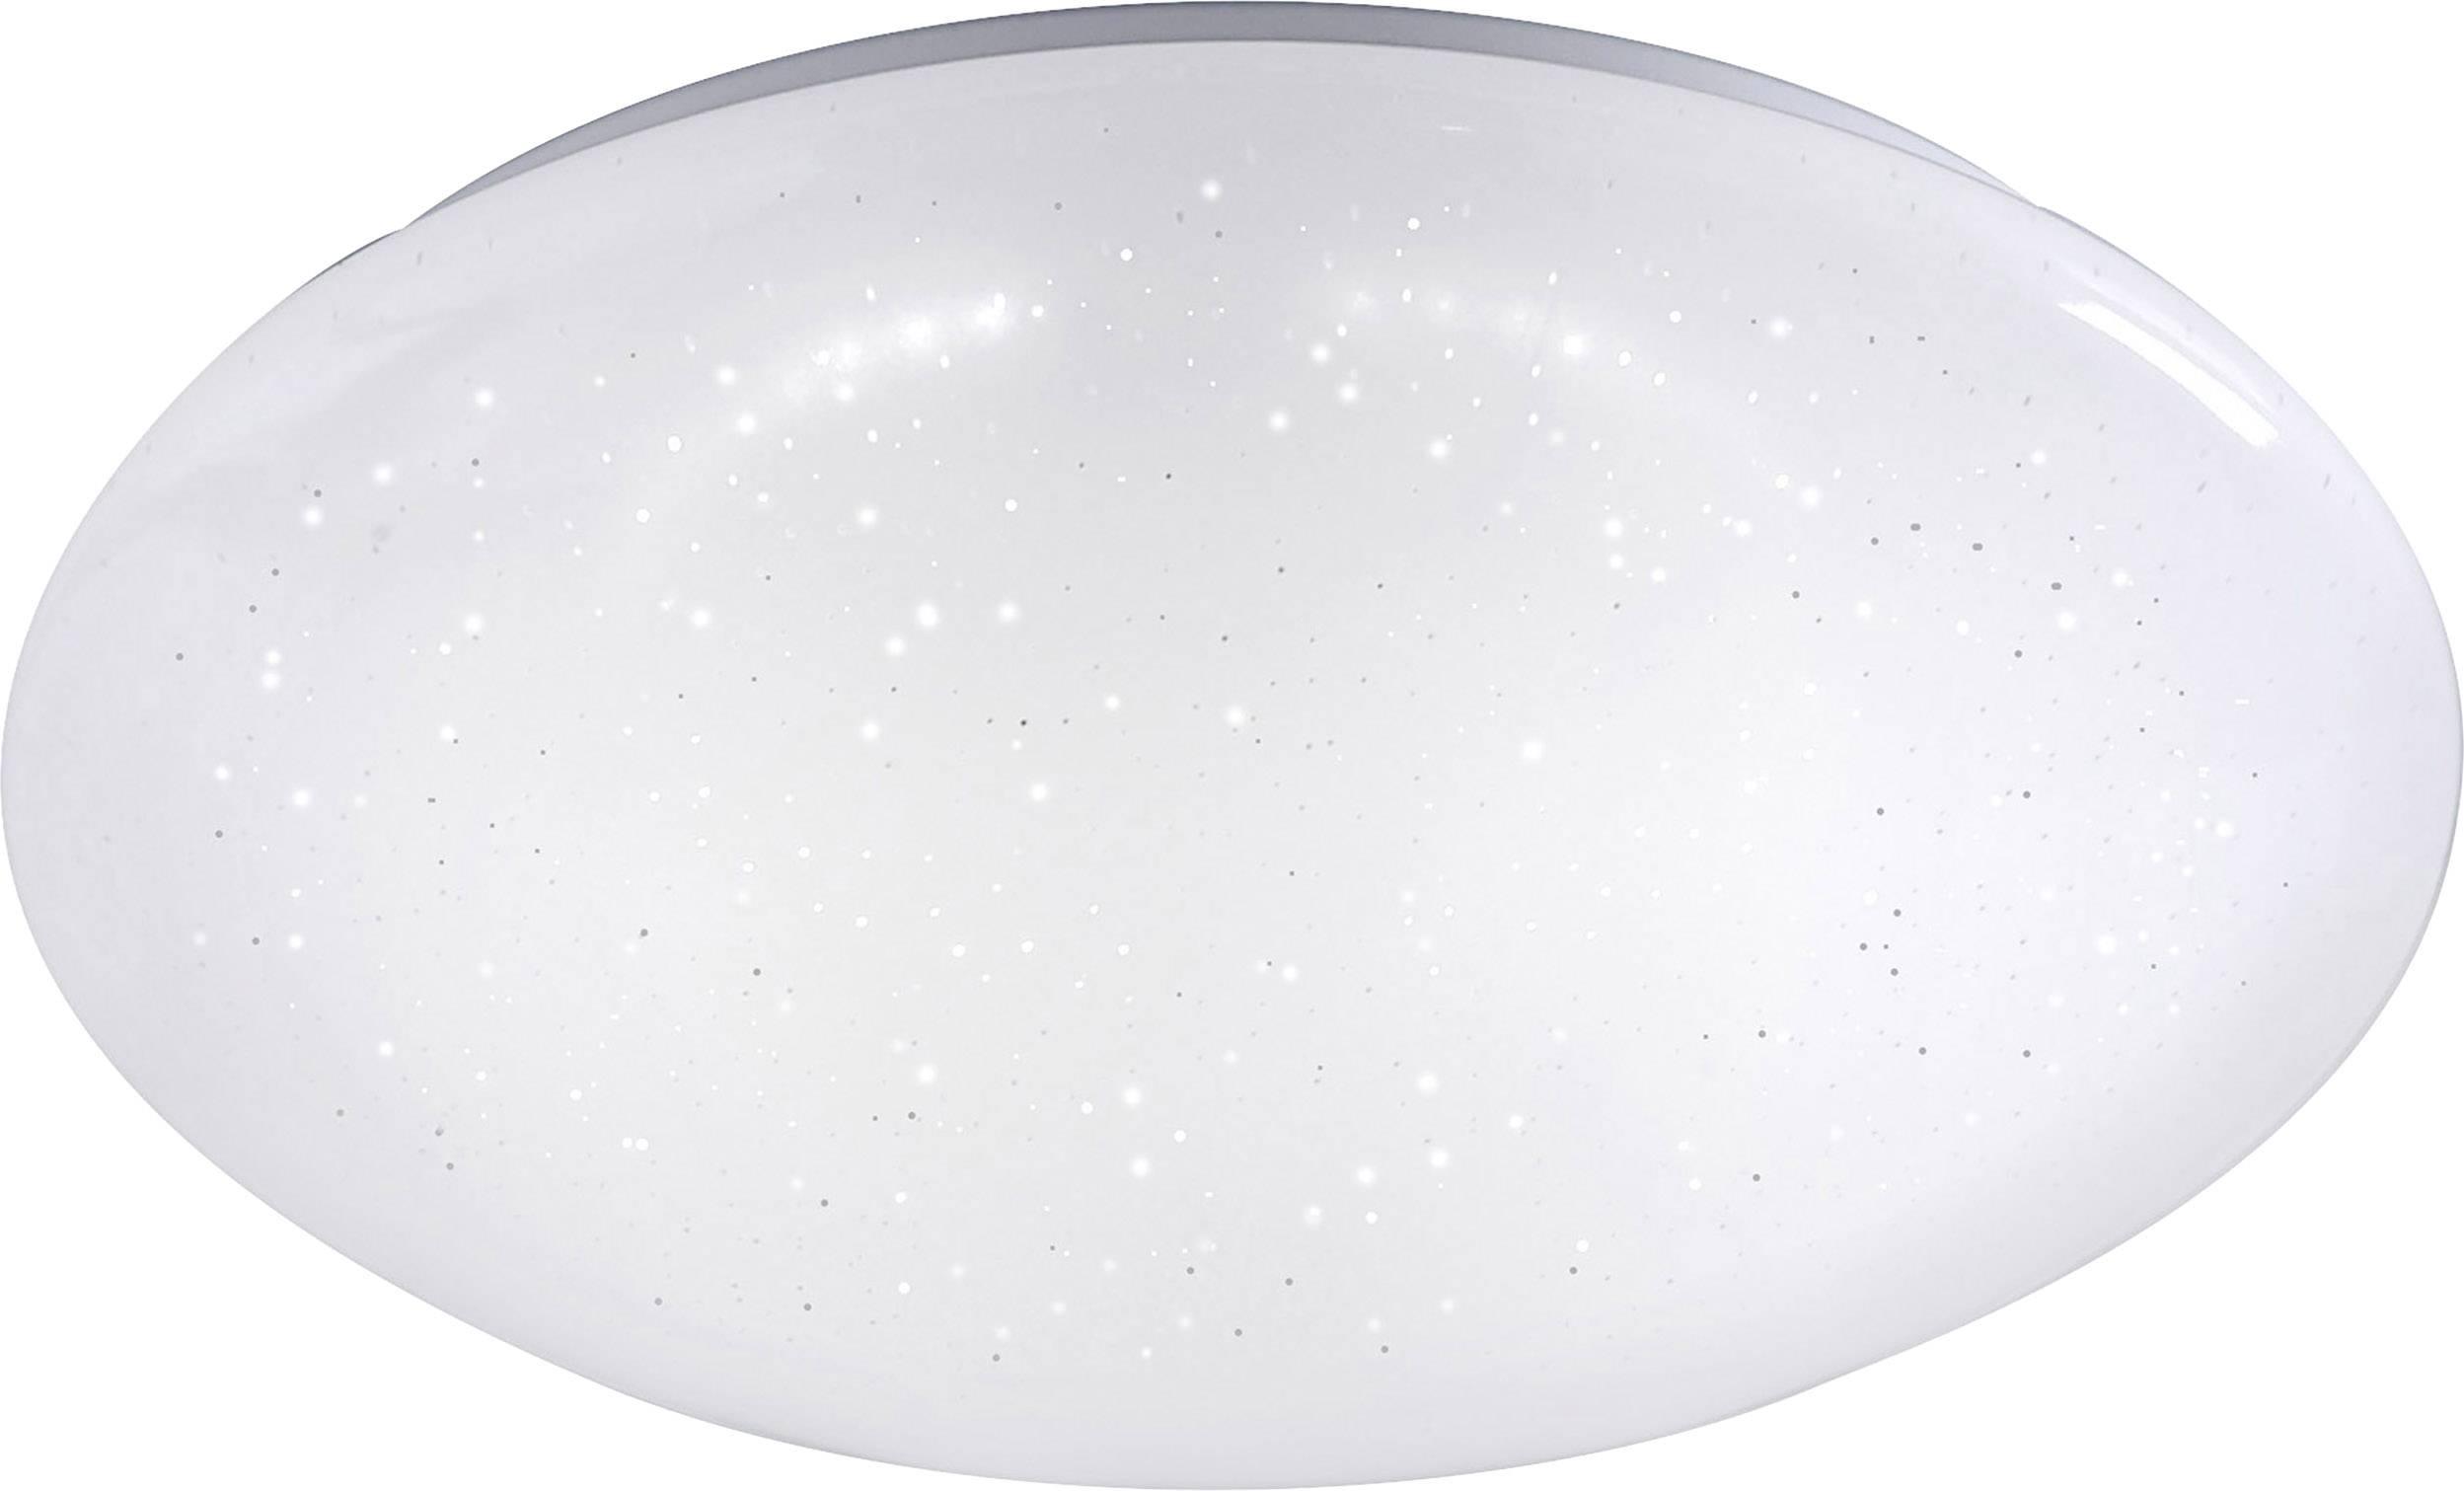 LeuchtenDirekt 14231 16 SKYLER LED Deckenleuchte LED Weiß